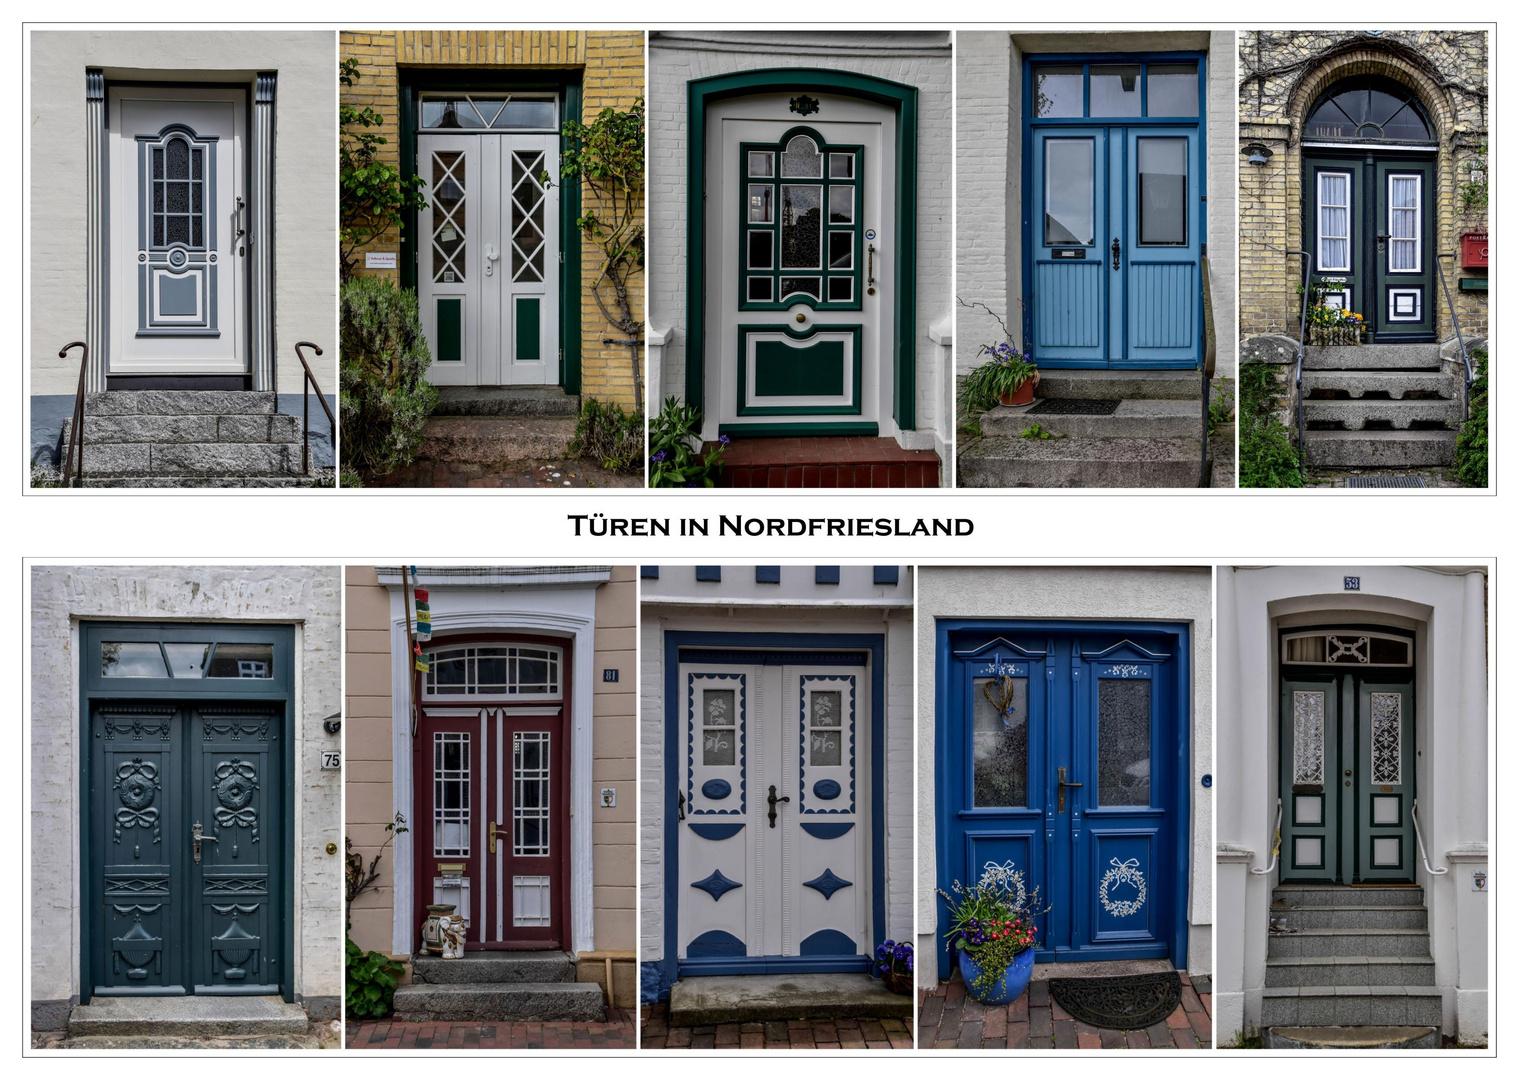 Türen in Nordfriesland (6)